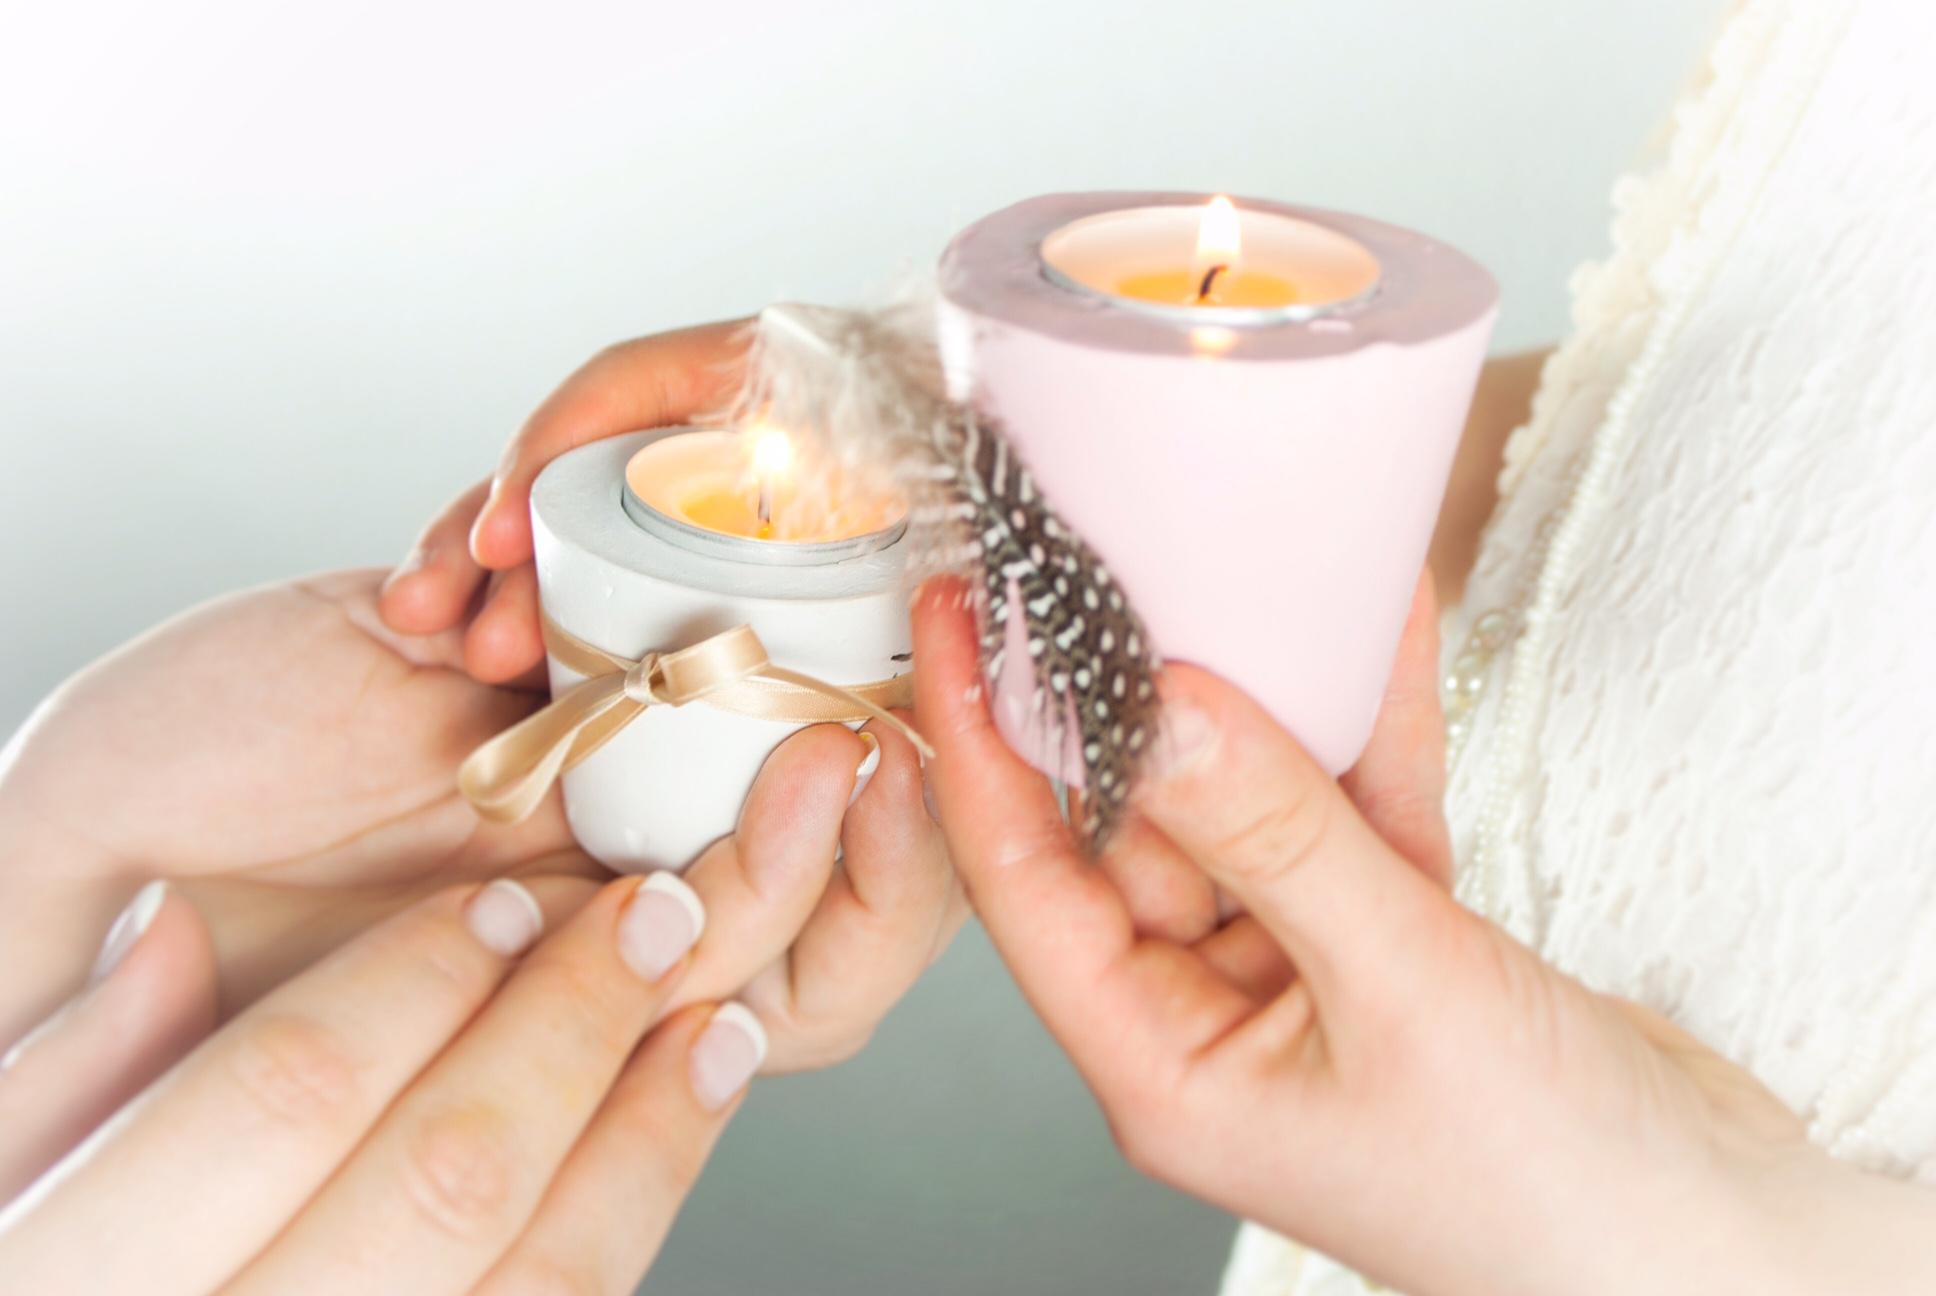 Gips teelicht diy deko ganz leicht for Teelicht deko